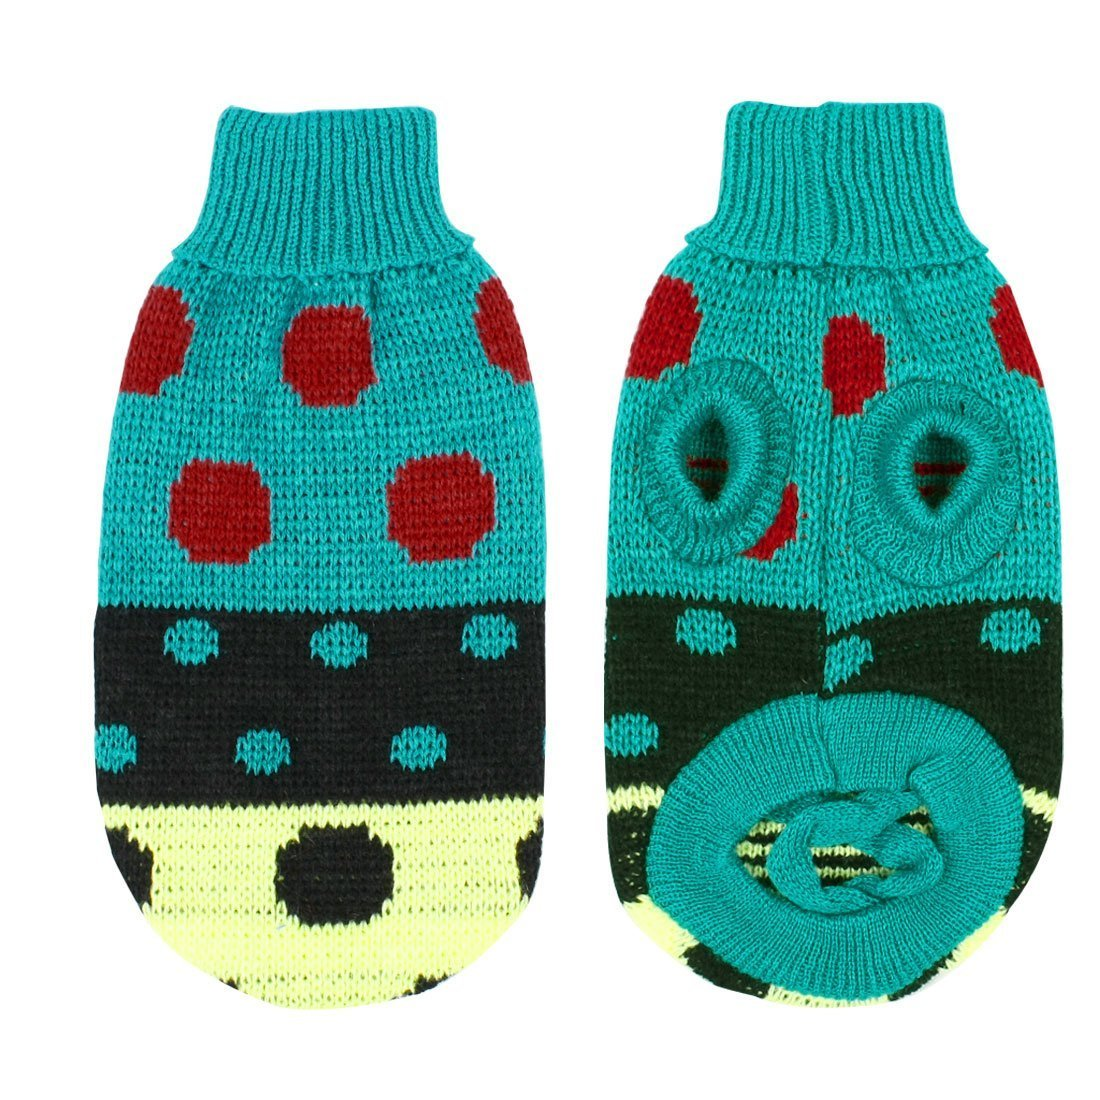 Turtleneck Polka Dot Knit Dog Shih Tzu Sweater Clothes Apparel Size M Teal